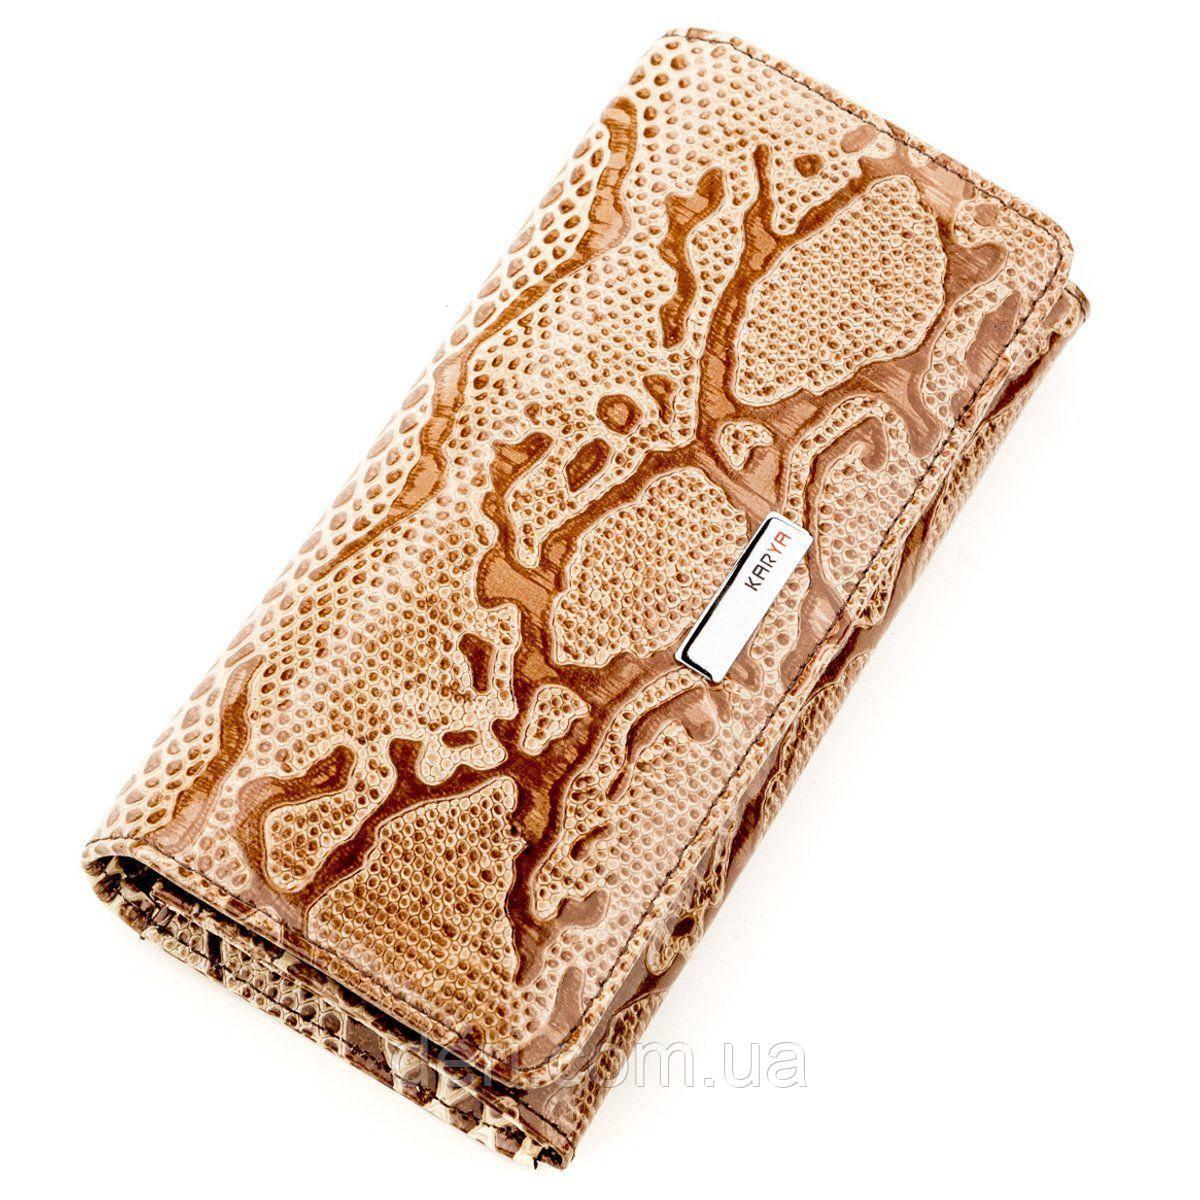 Кошелек женский KARYA 17263 кожаный Светло-коричневый, Коричневый